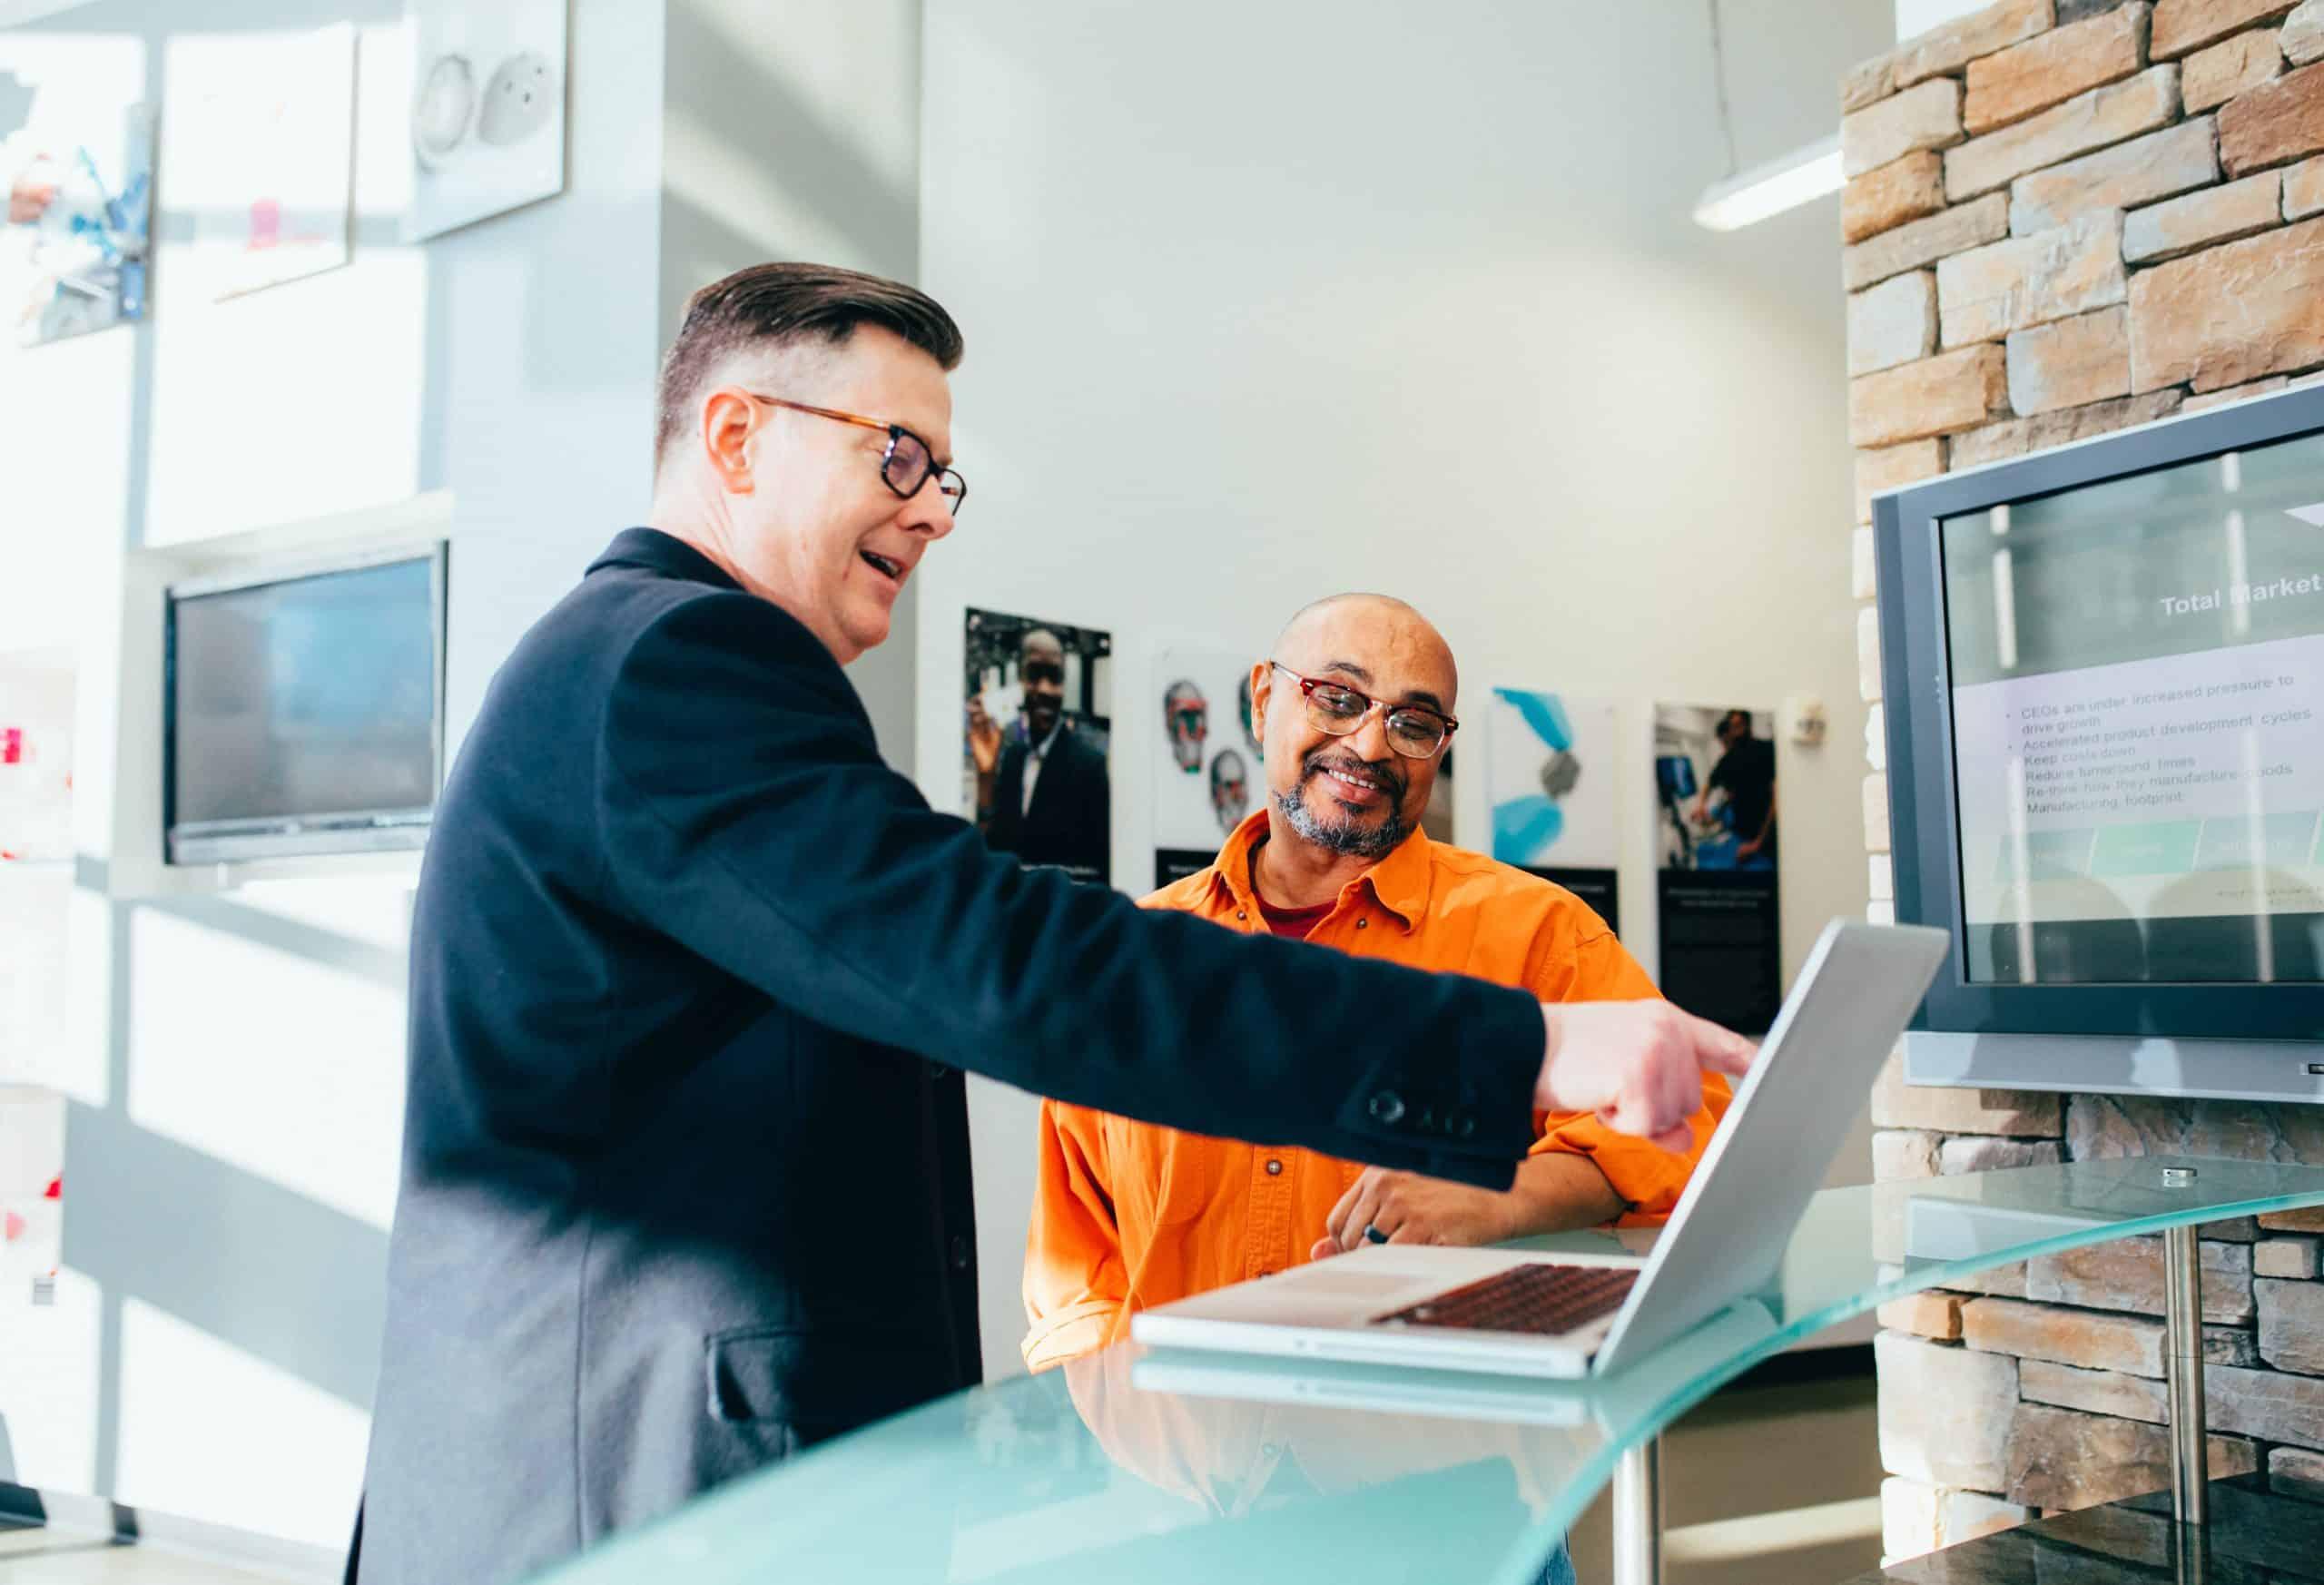 Genera y gestiona los leads que vienen a través de tus embajadores de marca con BeAmbassador